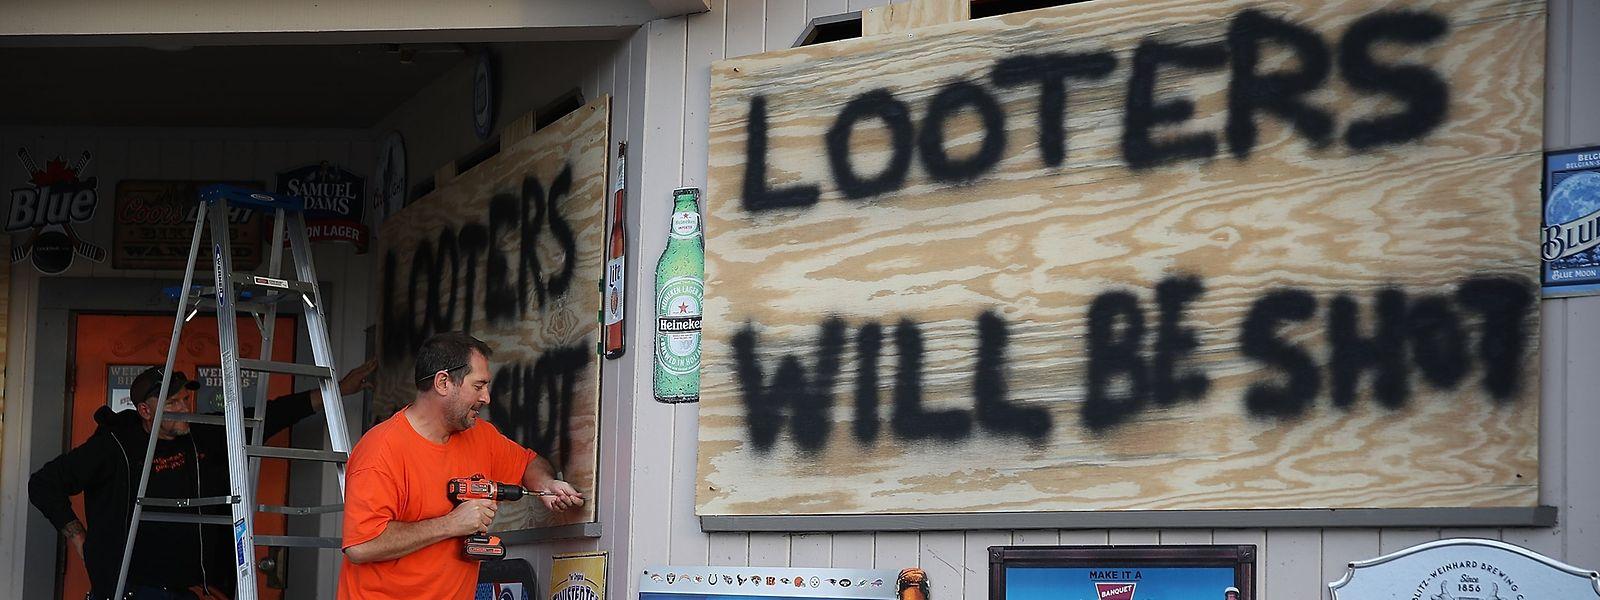 Ein Ladenbesitzer bereitet sich auf den Sturm vor - und auf mögliche Folgen.